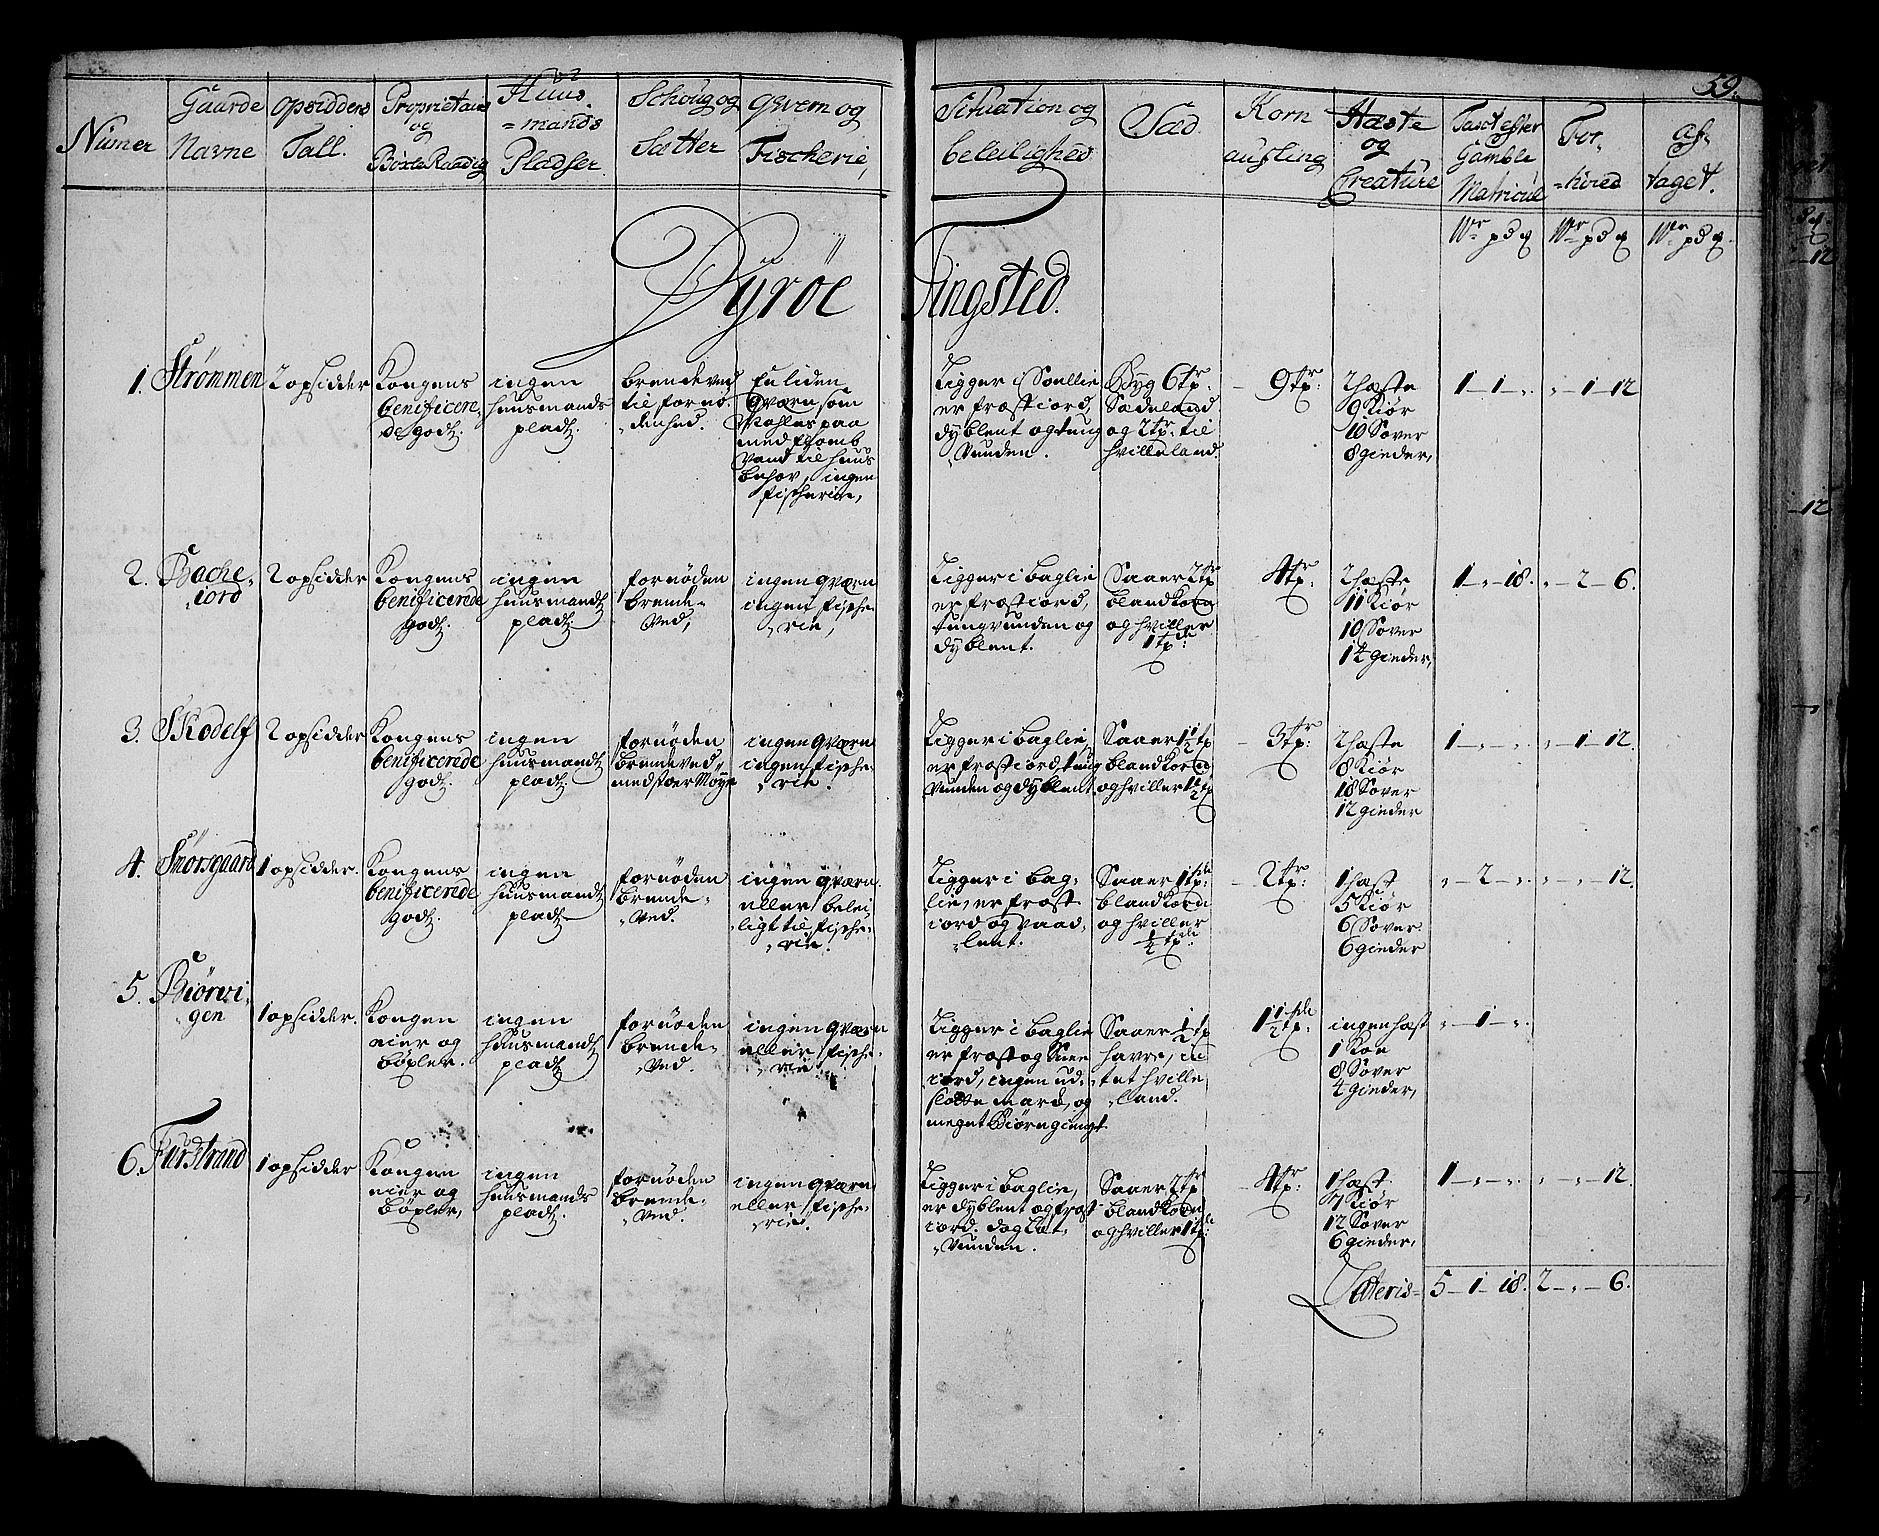 RA, Rentekammeret inntil 1814, Realistisk ordnet avdeling, N/Nb/Nbf/L0178: Senja eksaminasjonsprotokoll, 1723, s. 58b-59a